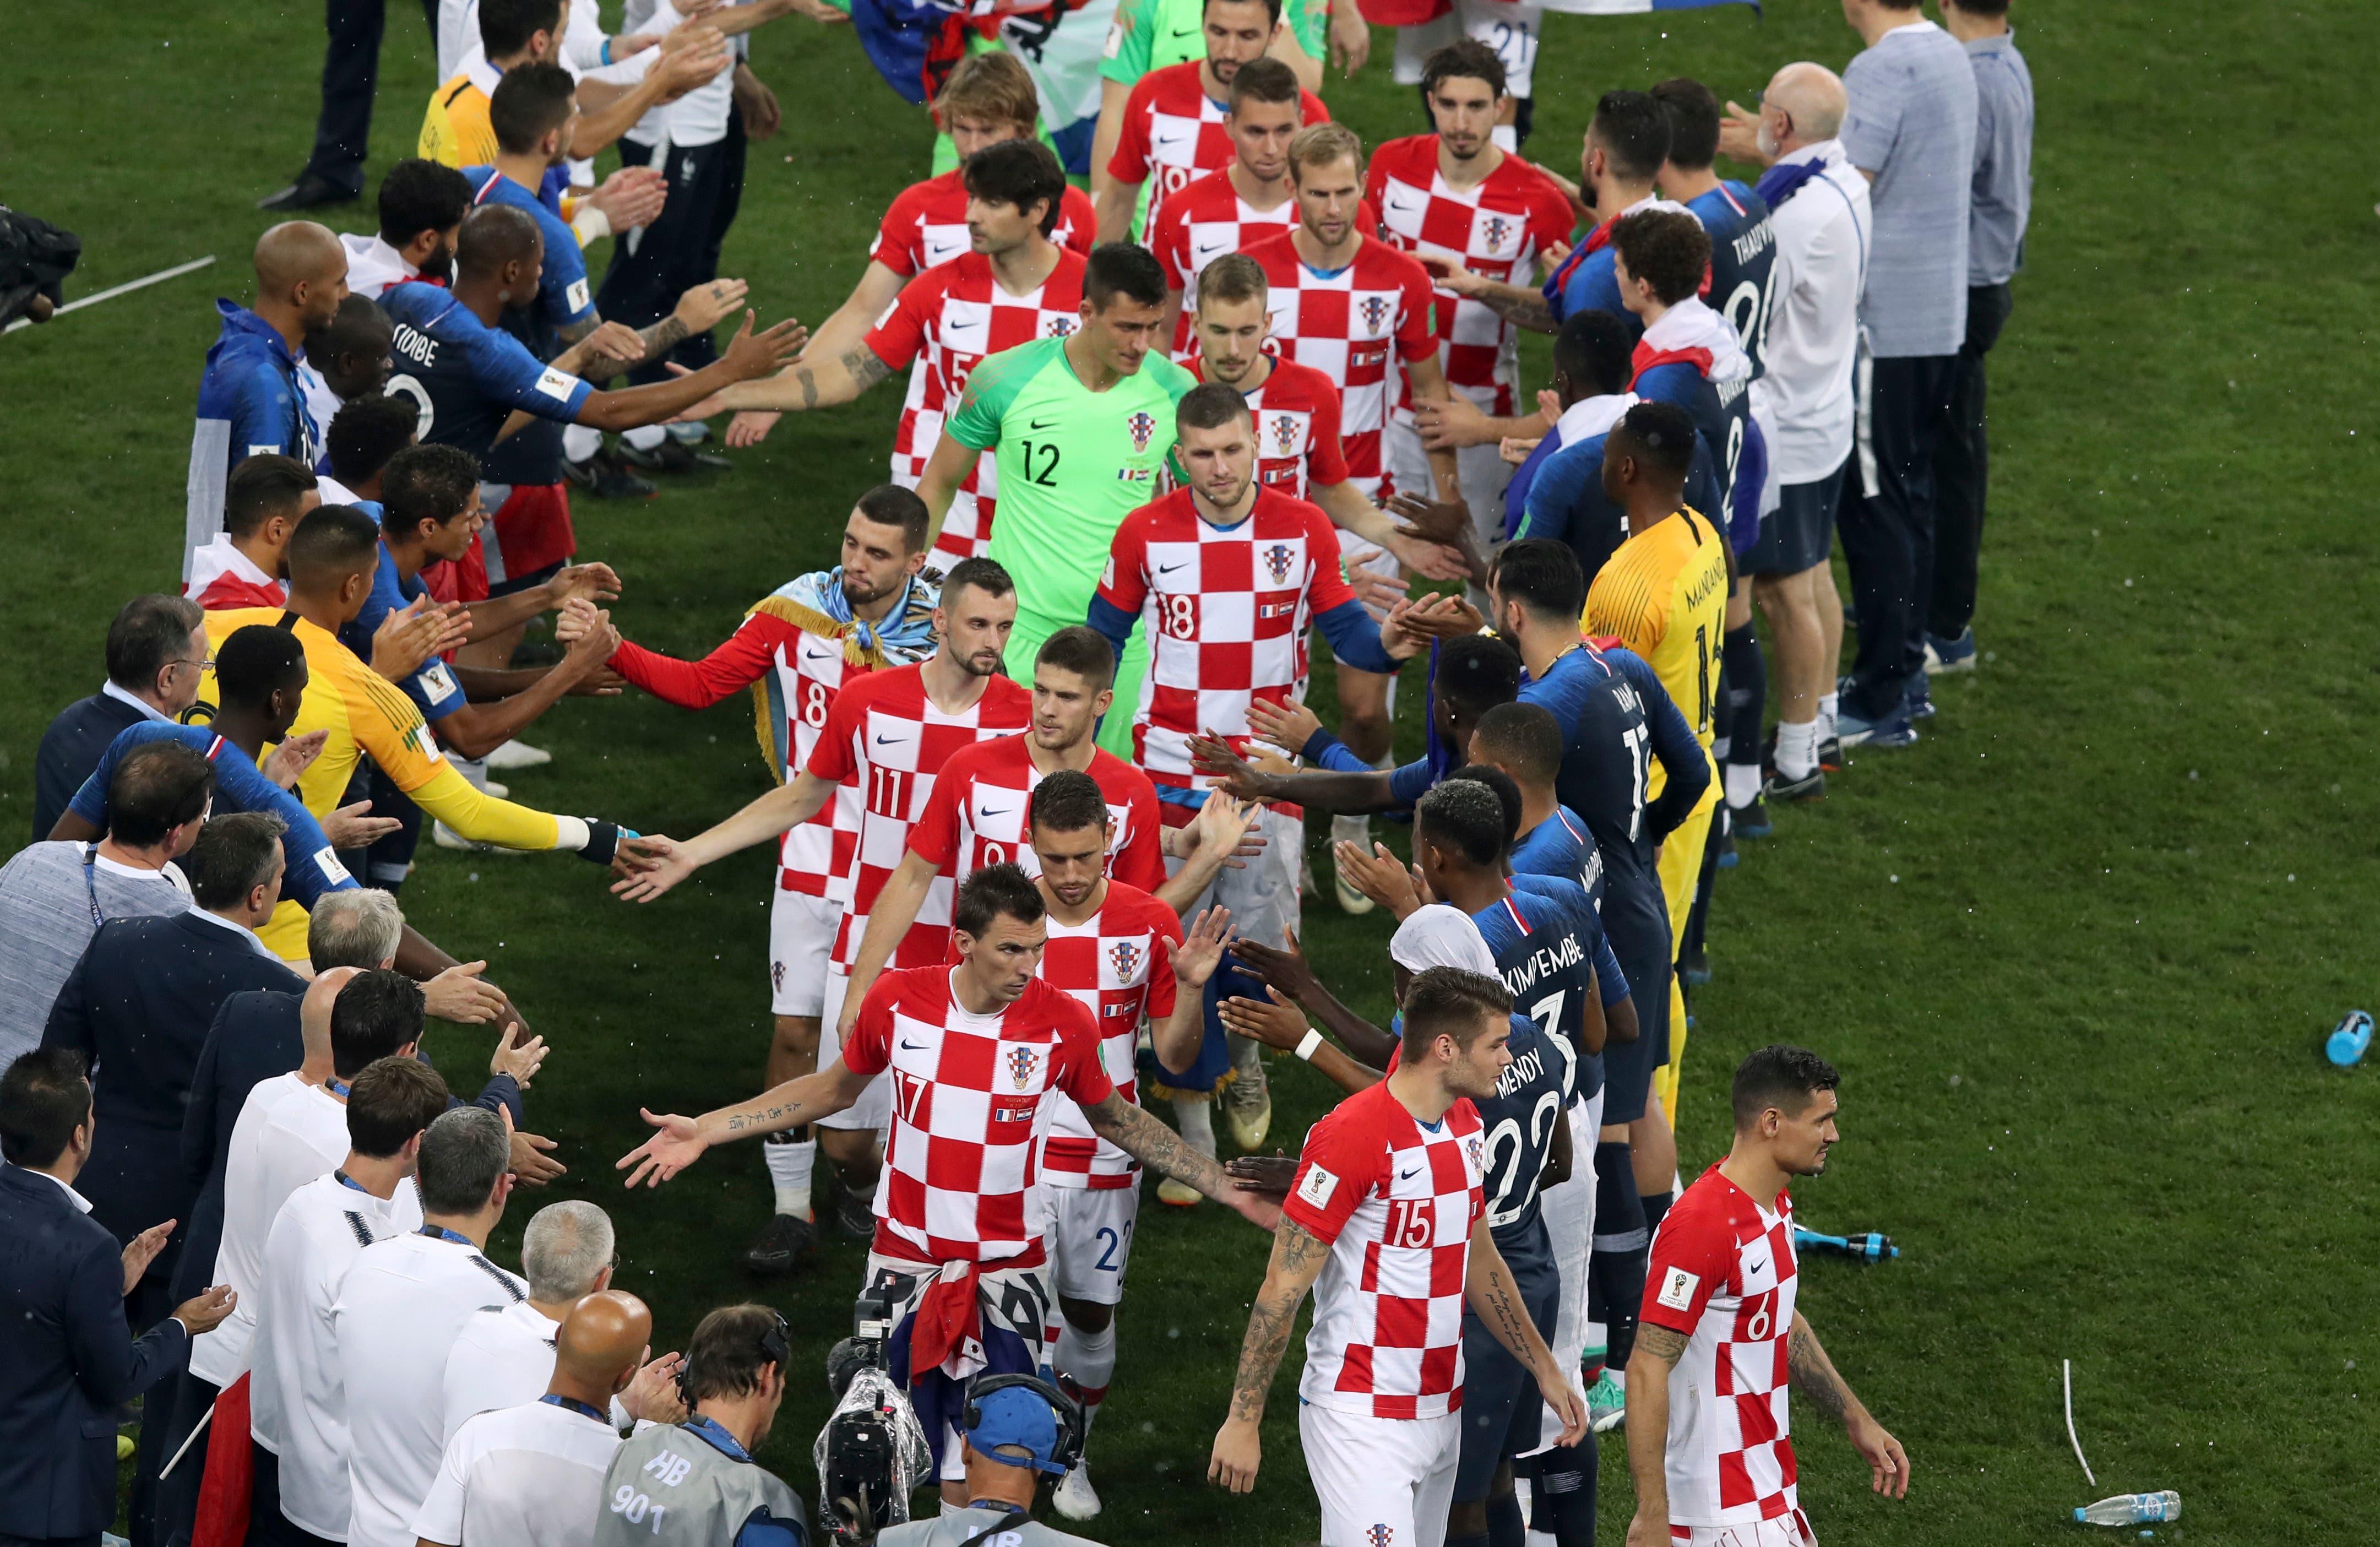 Die Franzosen stehen Spalier für die Kroaten kurz vor der Medaillenübergabe (Bild: Thanassis Stavrakis / AP)